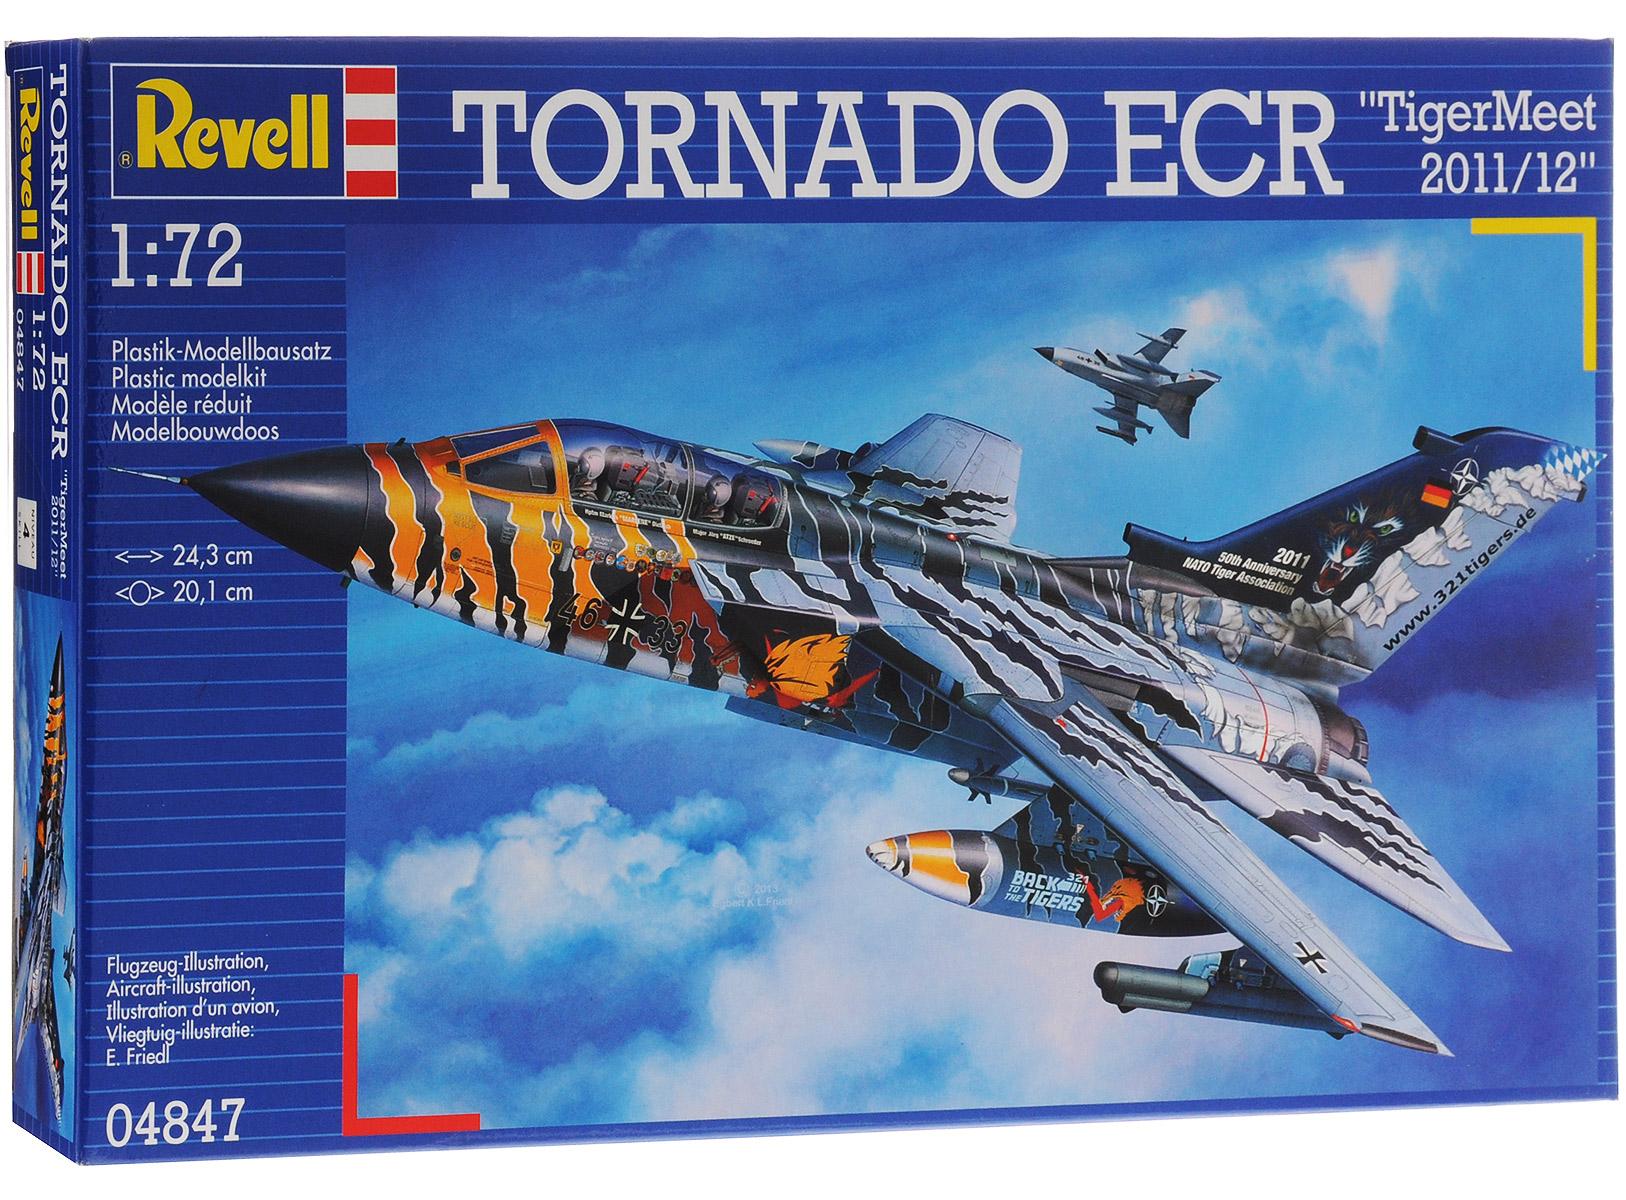 Revell Набор для сборки Самолет-бомбардировщик Tornado ECR TigerMeet 2011/1204847RС набором для сборки модели Revell Самолет-бомбардировщик Tornado ECR TigerMeet 2011/12 вы с ребенком сможете собрать уменьшенную копию одноименного самолета в масштабе 1:72. Tornado - реактивный истребитель-бомбардировщик с крылом изменяемой стреловидности. Был разработан в середине 1970-х годов. До сих пор состоит на вооружении ВВС ряда европейских и ближневосточных стран. Торнадо активно применялись во время войны в Персидском заливе, а также во время операции НАТО в Югославии. Всего во время боевых действий было потеряно 9 машин. Набор включает в себя 150 пластиковых элементов для сборки модели, переводные картинки и схематичную инструкцию по сборке. Благодаря набору ваш ребенок научится творчески решать поставленные задачи, разовьет интеллектуальные и инструментальные способности, воображение, конструктивное мышление, внимание, терпение и кругозор. Уровень сложности: 4.